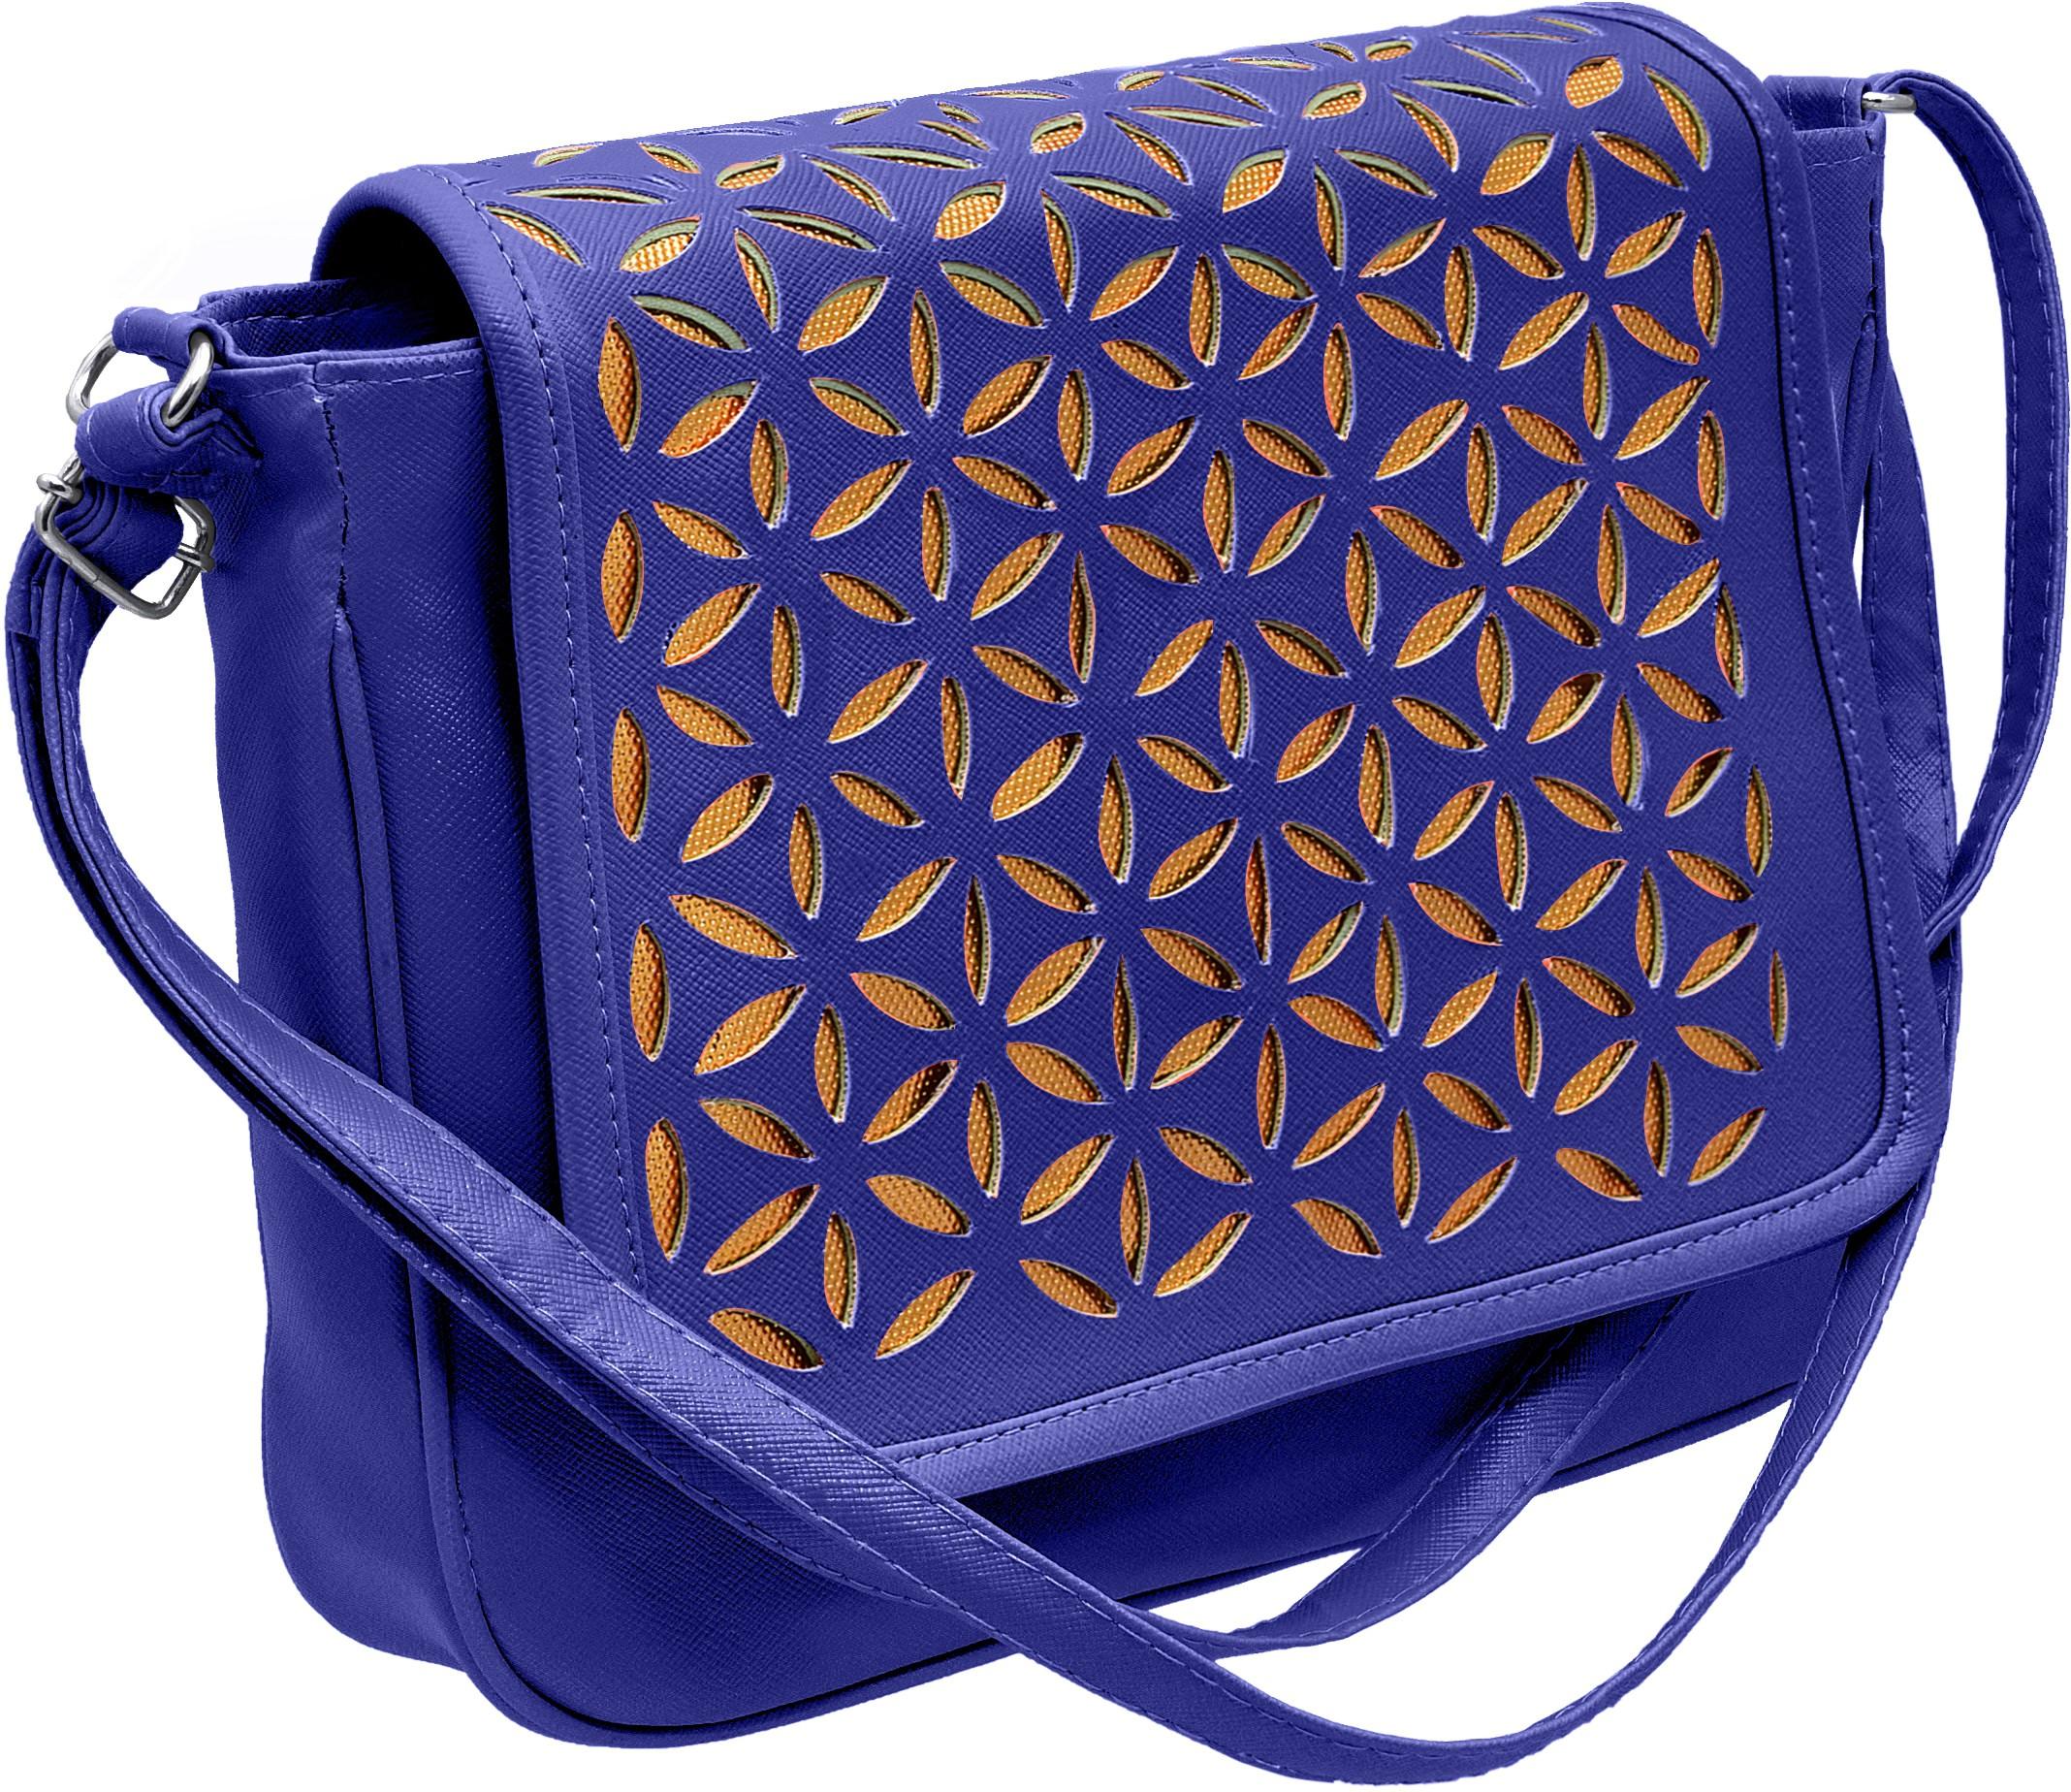 Sling bag below 500 - Tap Fashion Girls Blue Pu Sling Bag